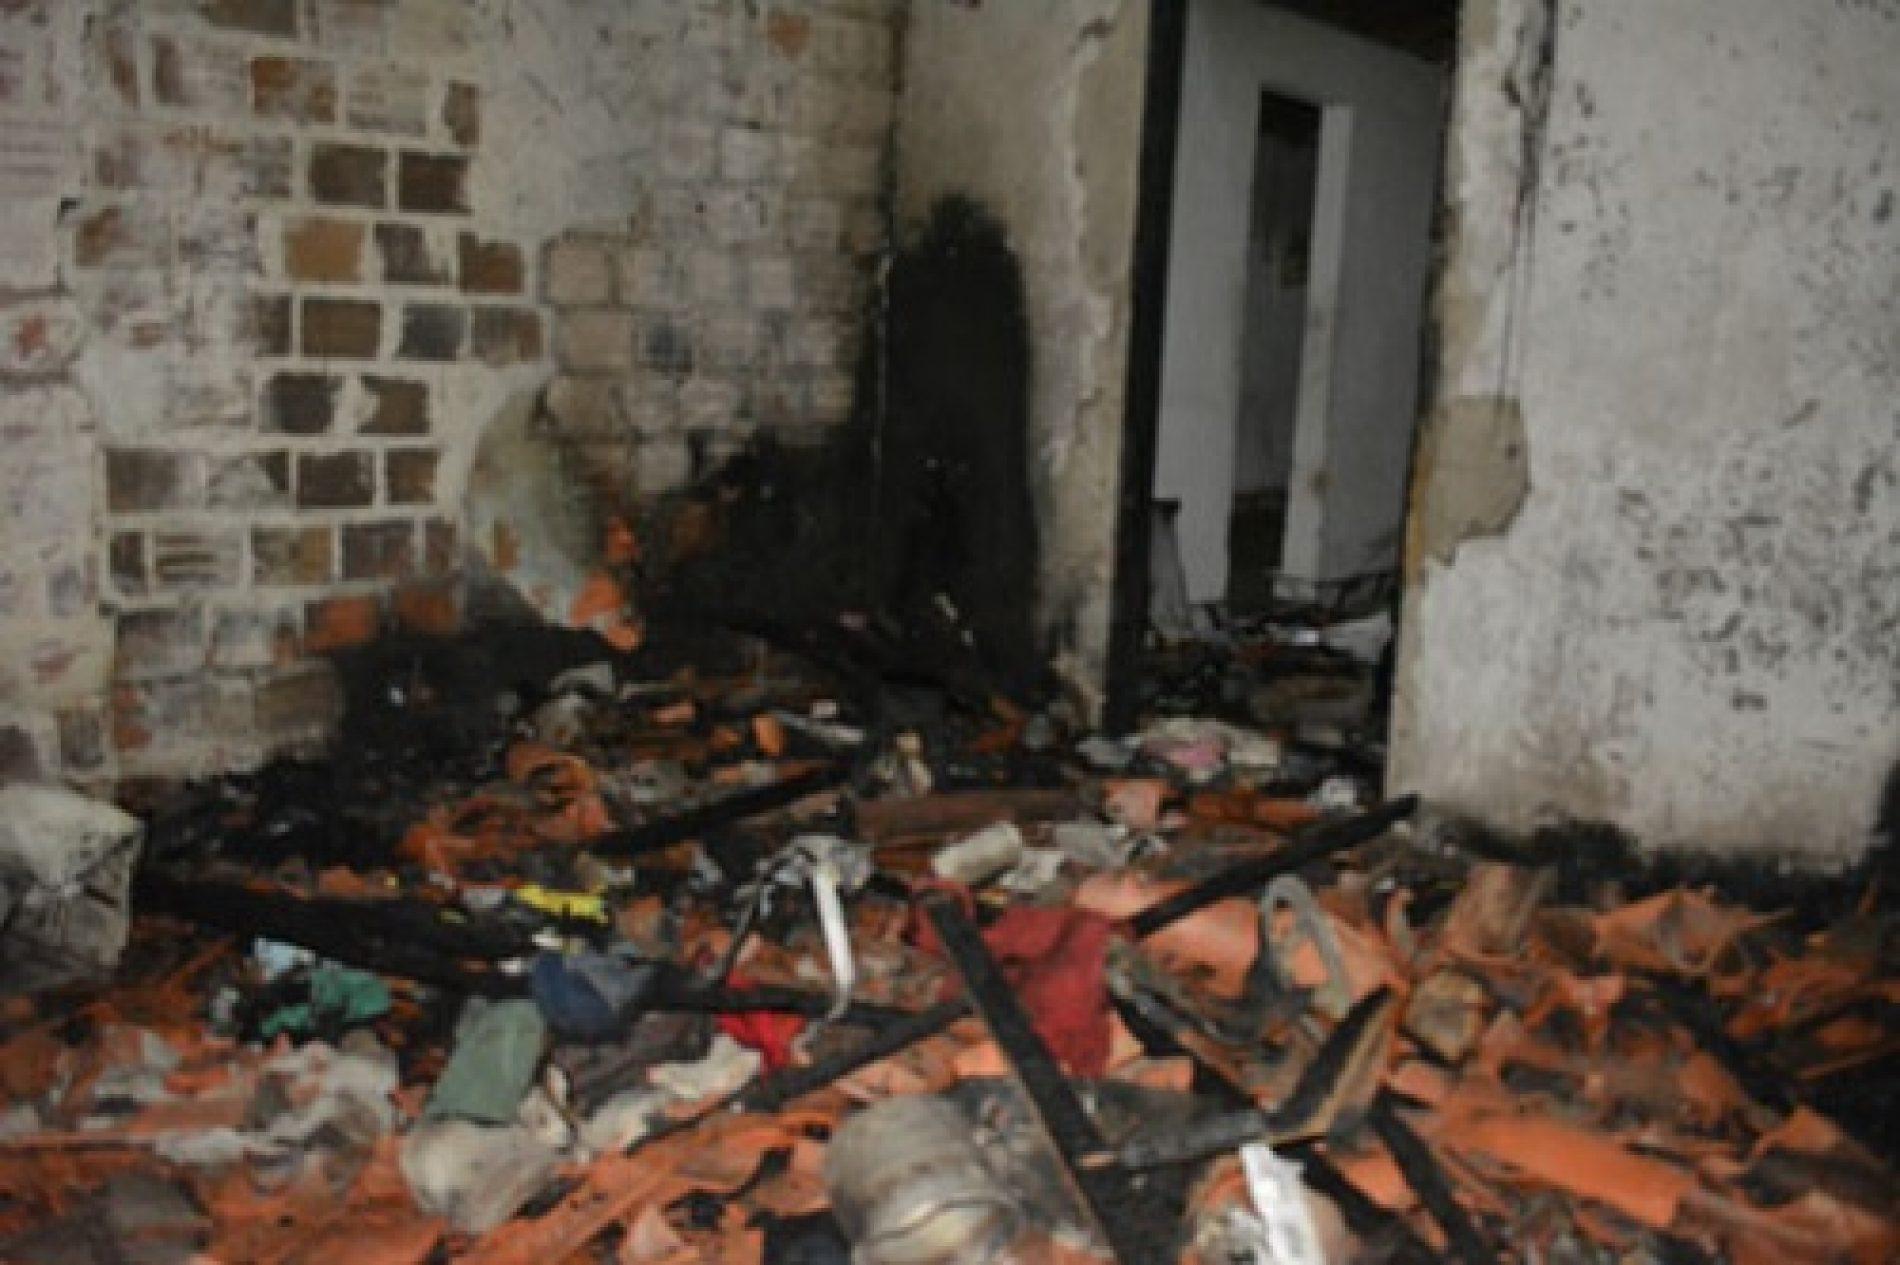 Acusado de abusar de 2 netas tem casa incendiada em Santaluz